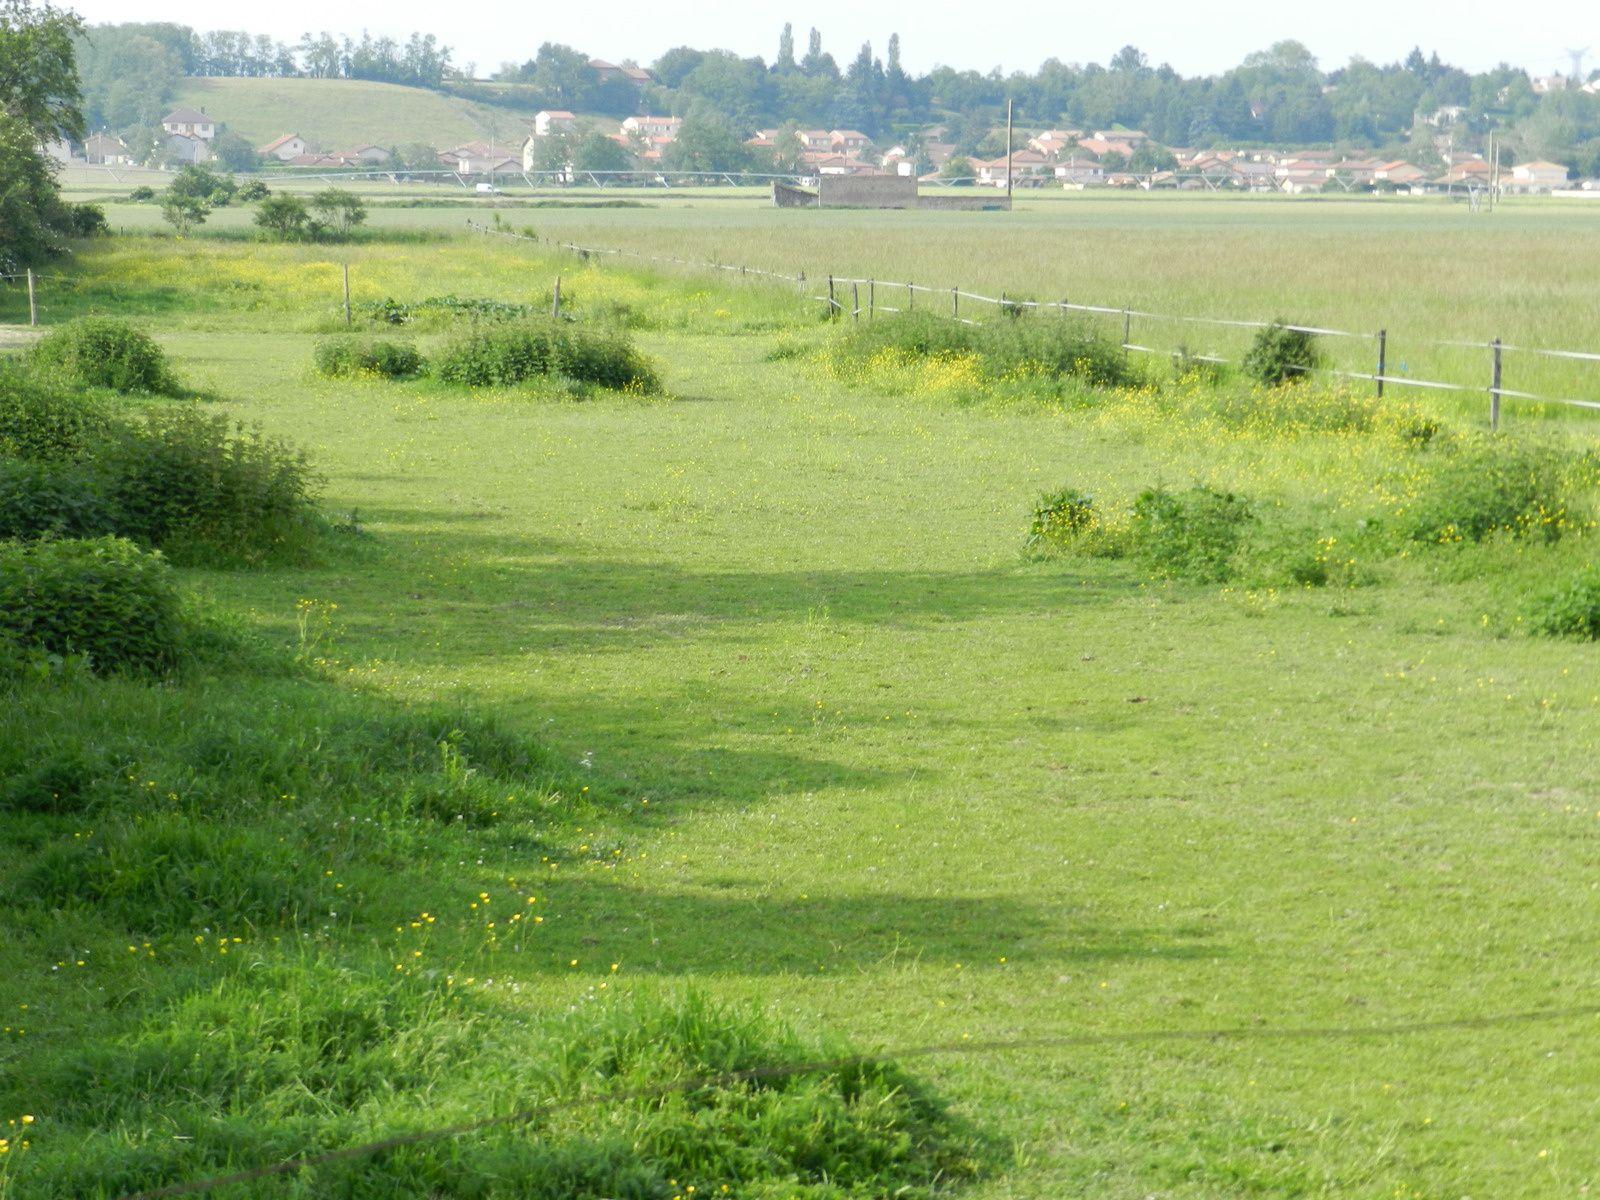 Pré avec zones de refus et une zone surpâturée au centre. Techniques d'élevage 2014. Image soumise à droits d'auteur